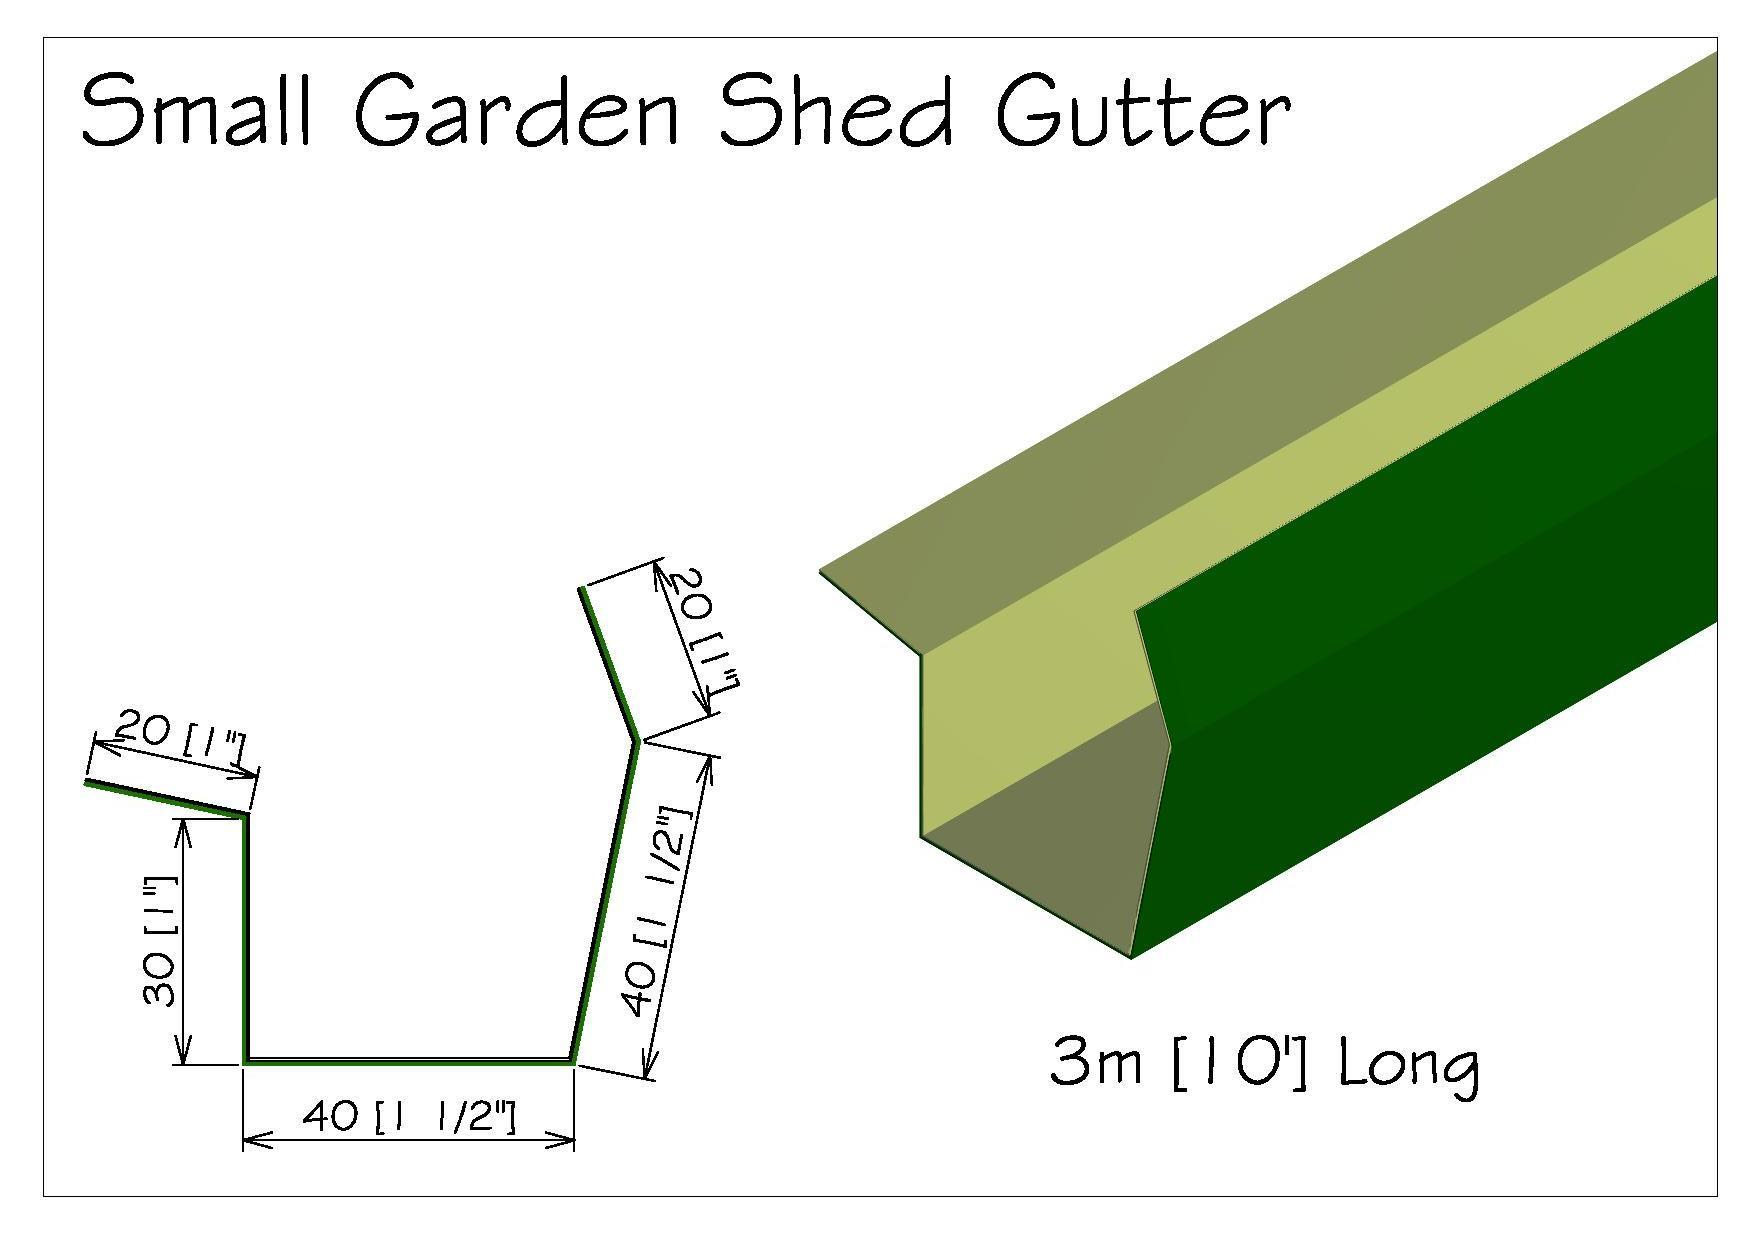 Torkela Access Garden Shed Gutter